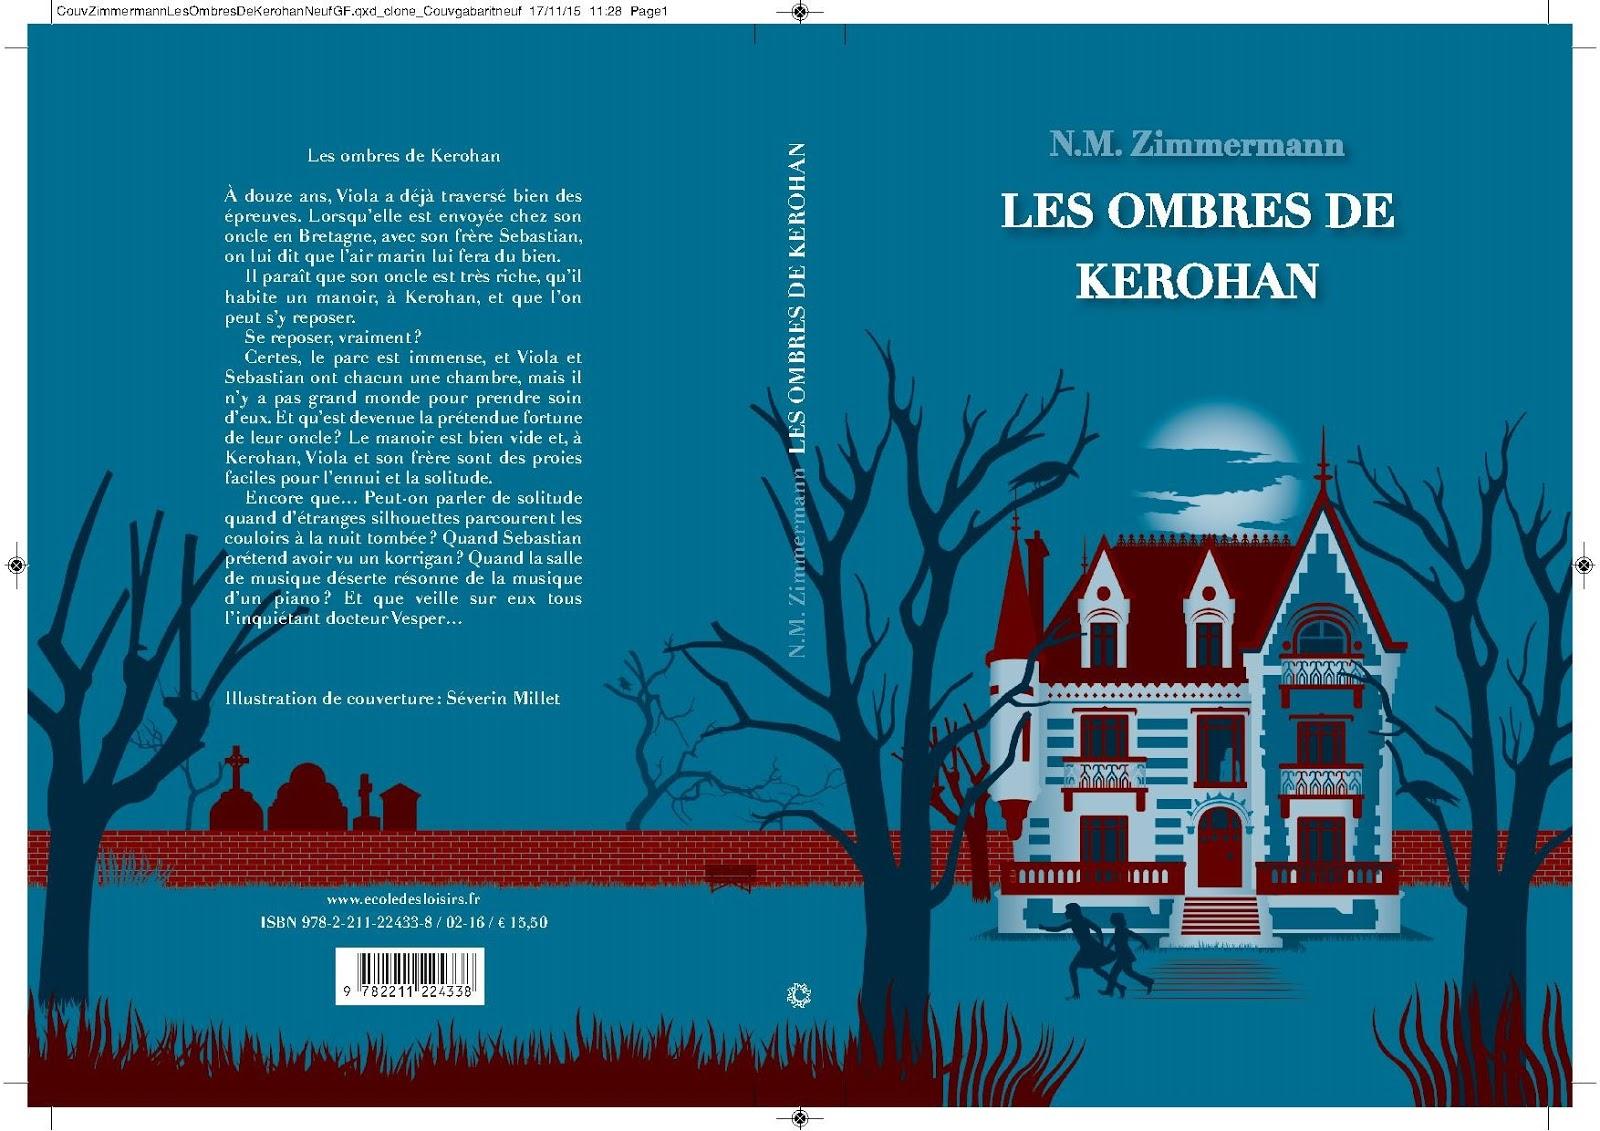 les livres le japon les vampires bienvenue dans l 39 trange monde de n m zimmermann romans. Black Bedroom Furniture Sets. Home Design Ideas